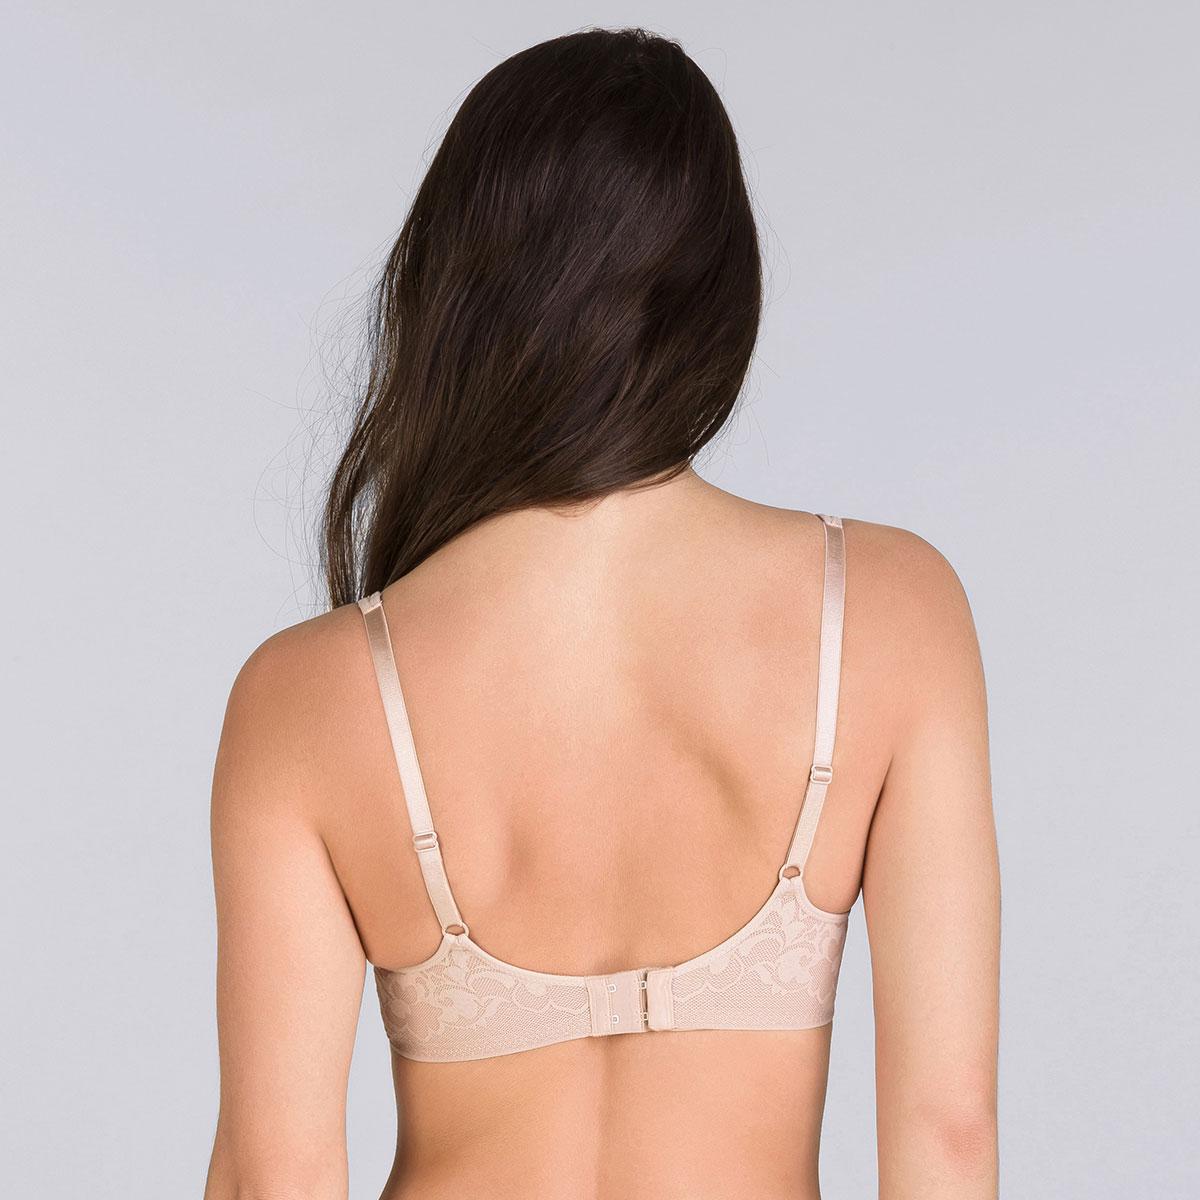 Beige underwired bra - Expert in Silhouette-PLAYTEX